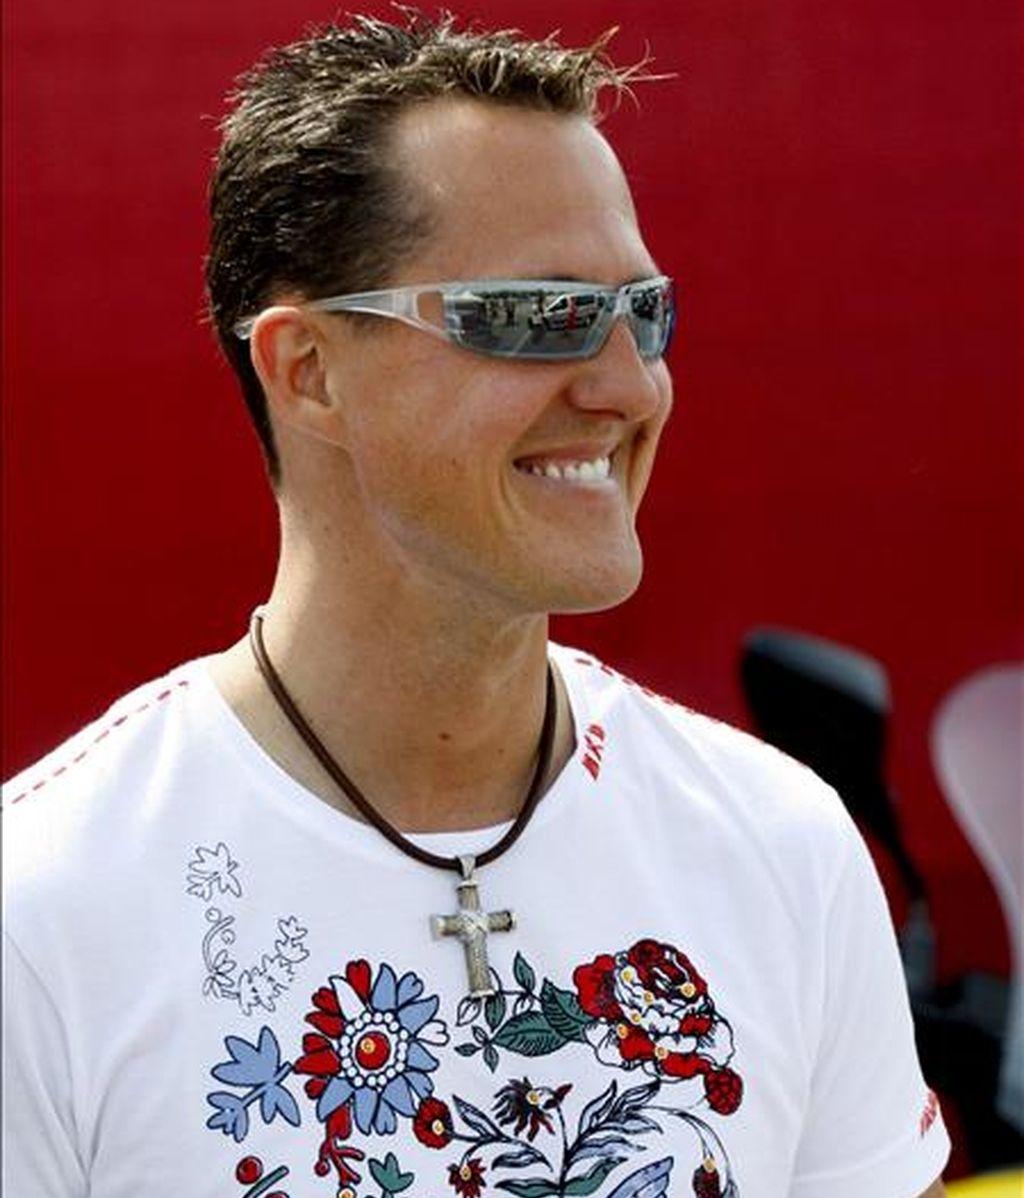 El ex piloto alemán Michael Schumacher, siete veces campeón mundial de Fórmula Uno. EFE/Archivo